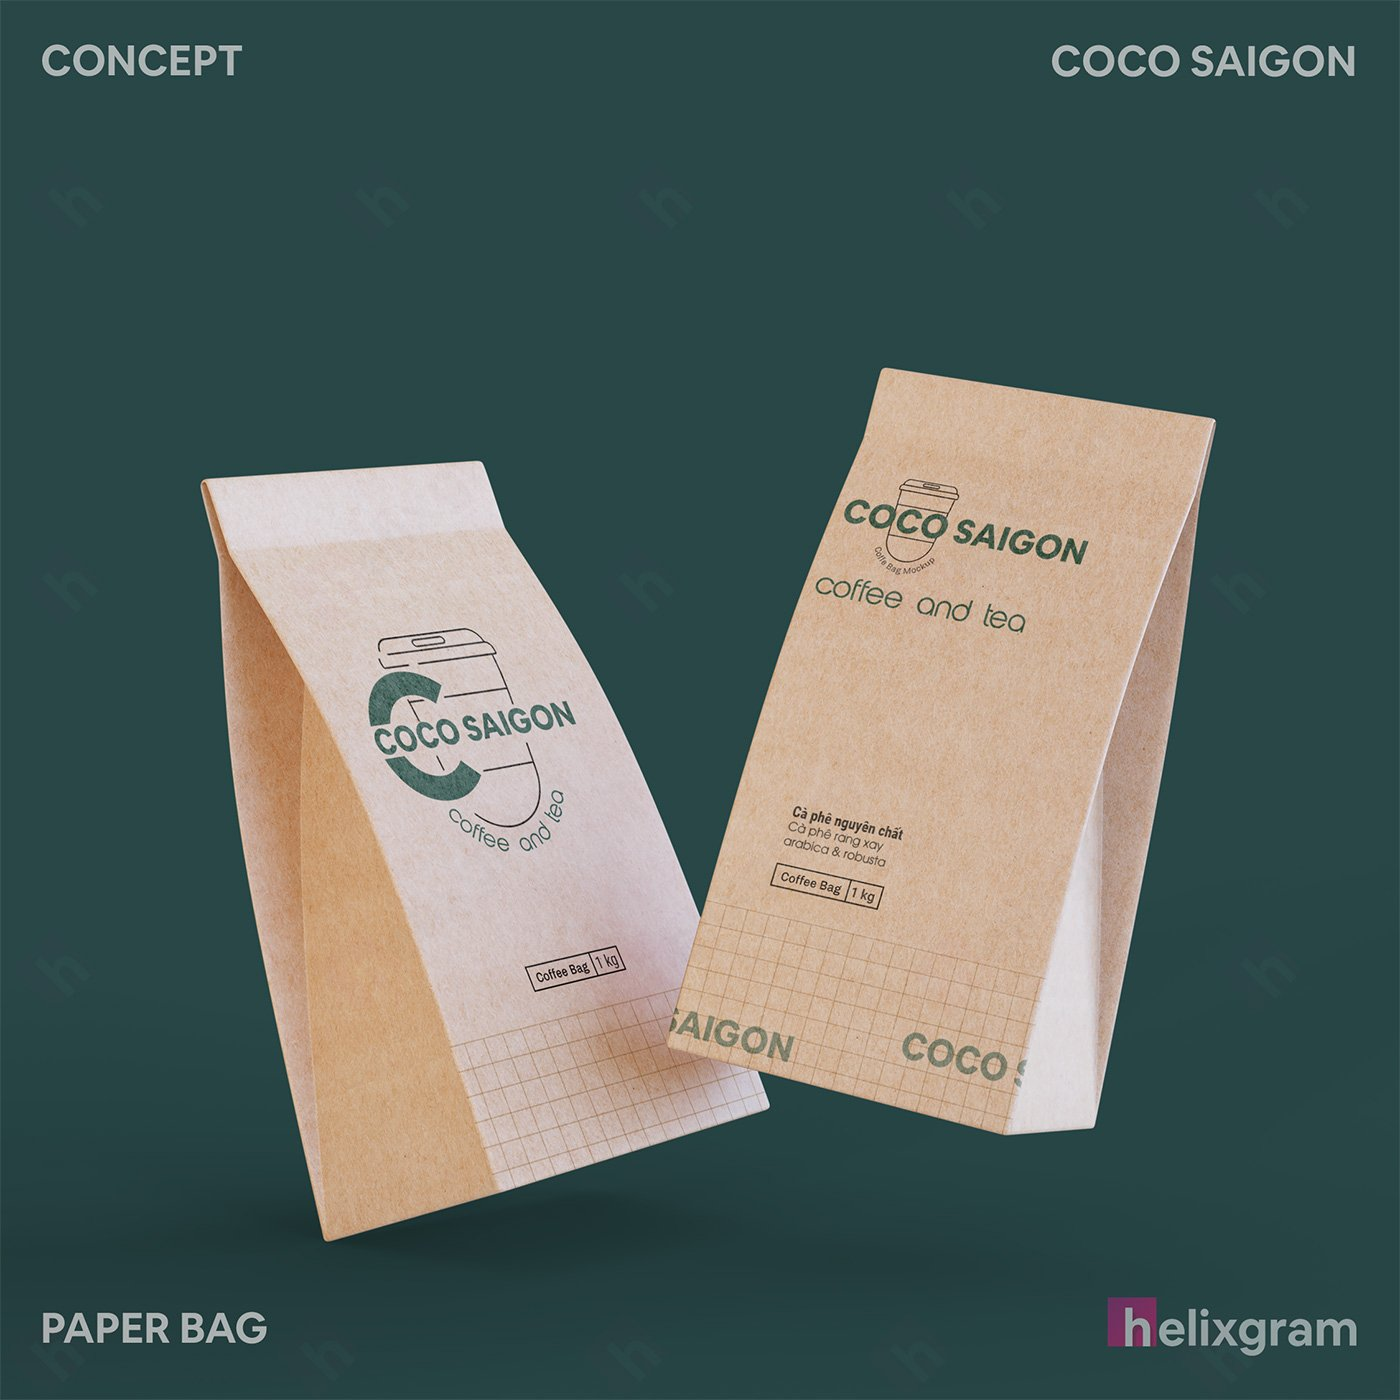 Nhận diện thương hiệu coffee Coco Sài Gòn Thiết kế thương hiệu thiết kế Logo ấn phẩm truyền thông quảng cáo thiết kế website in ấn túi giấy chất lượng cao Saigon Helixgram Design